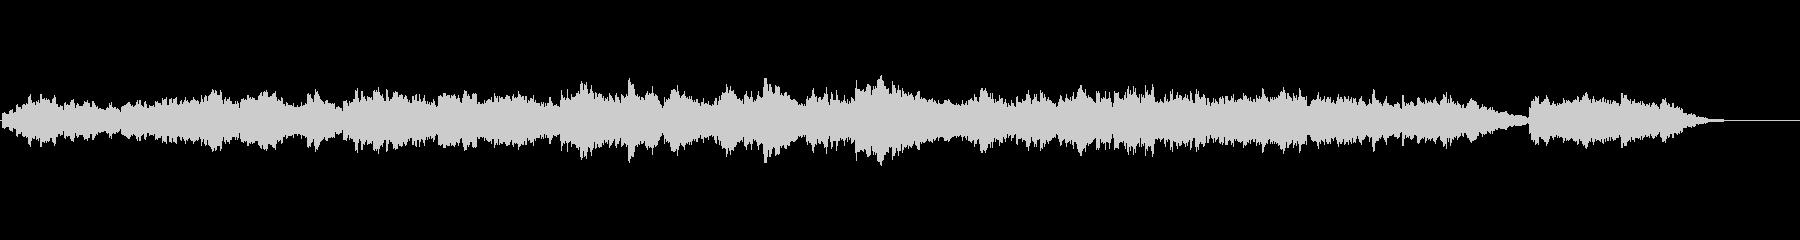 アンビエント/リラックス/1分30秒の未再生の波形